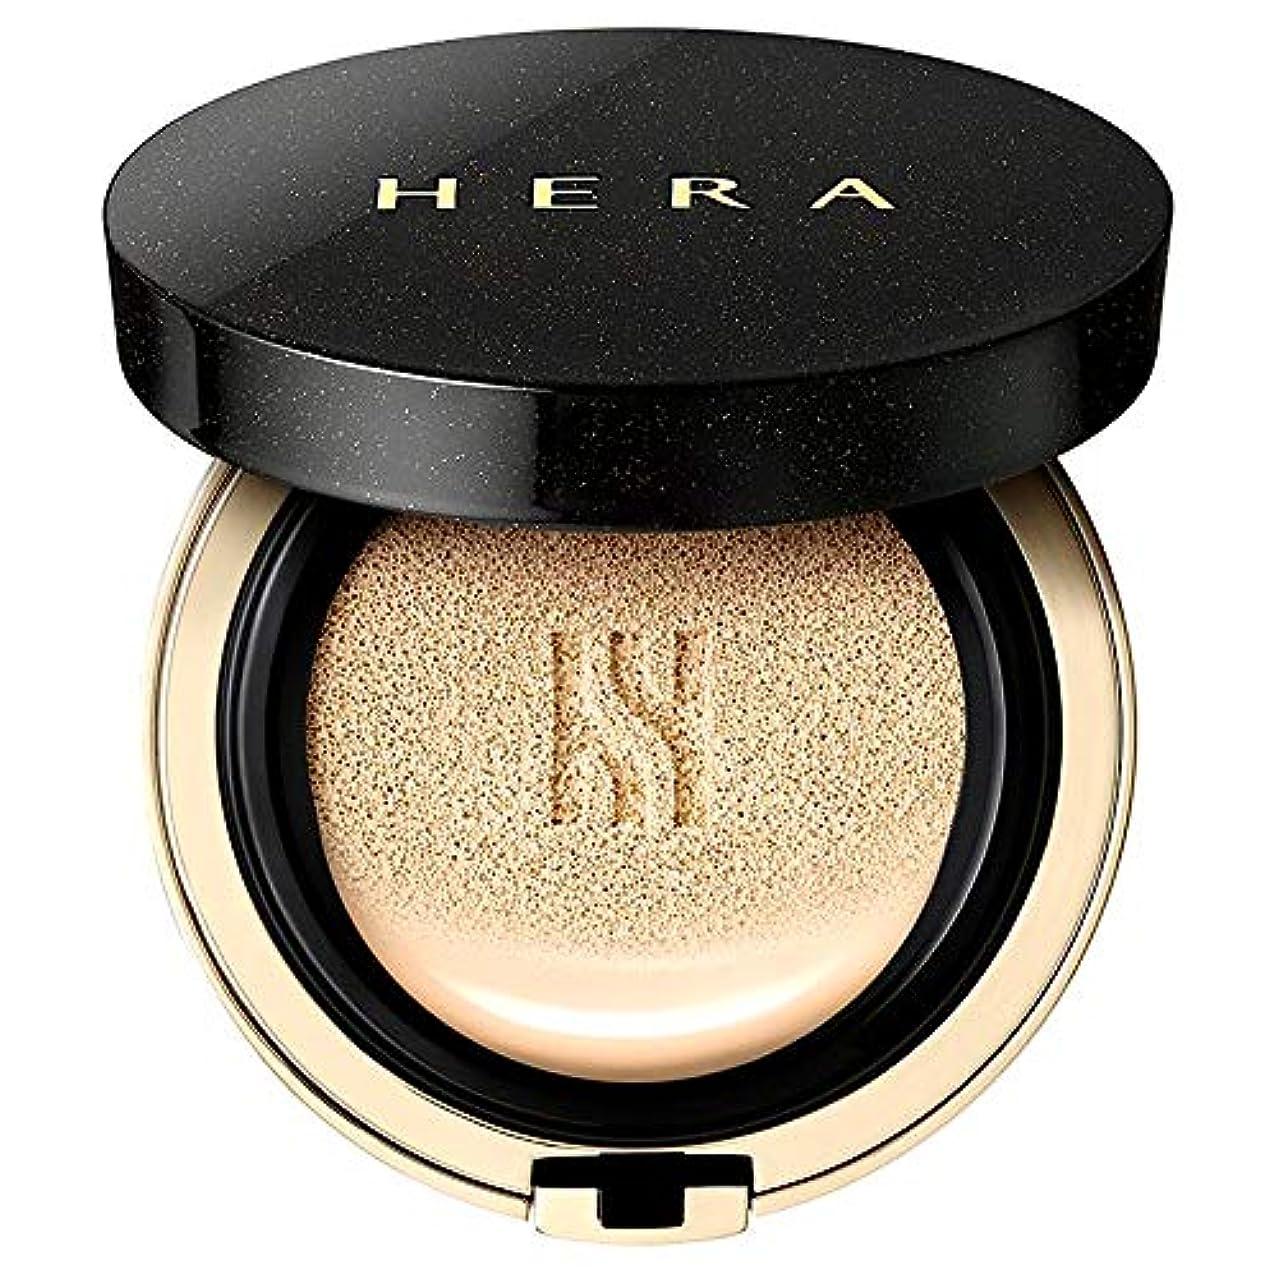 議題センサー容器(ヘラ) Hera Black CushionブラッククッションファンデーションSPF34/ PA++本品15g (No.21 banila) [並行輸入品]